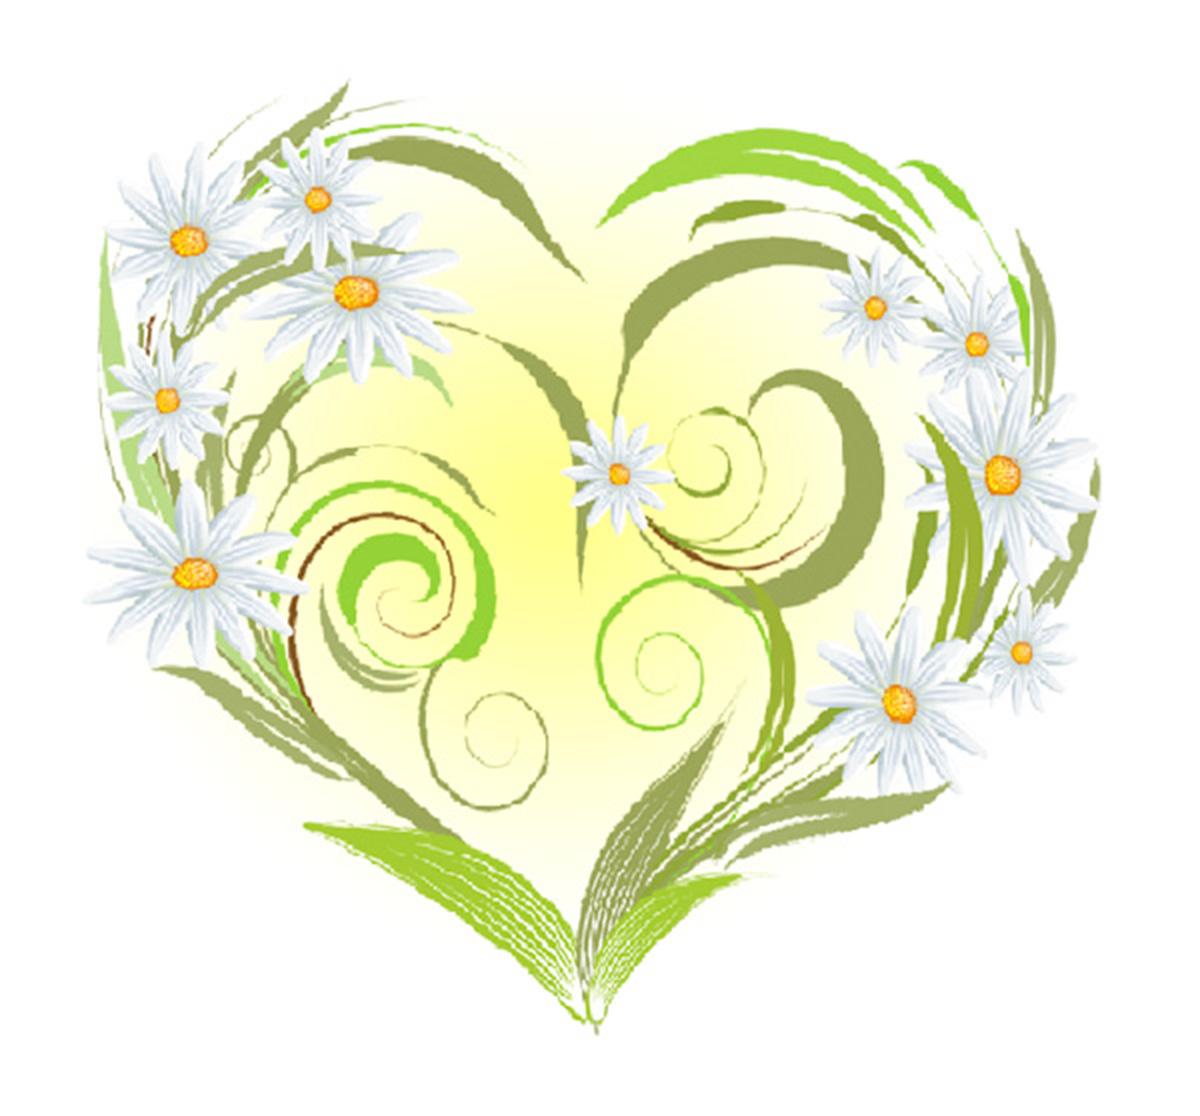 микрорайон идеально картинки цветка семьи ведущую, ведь